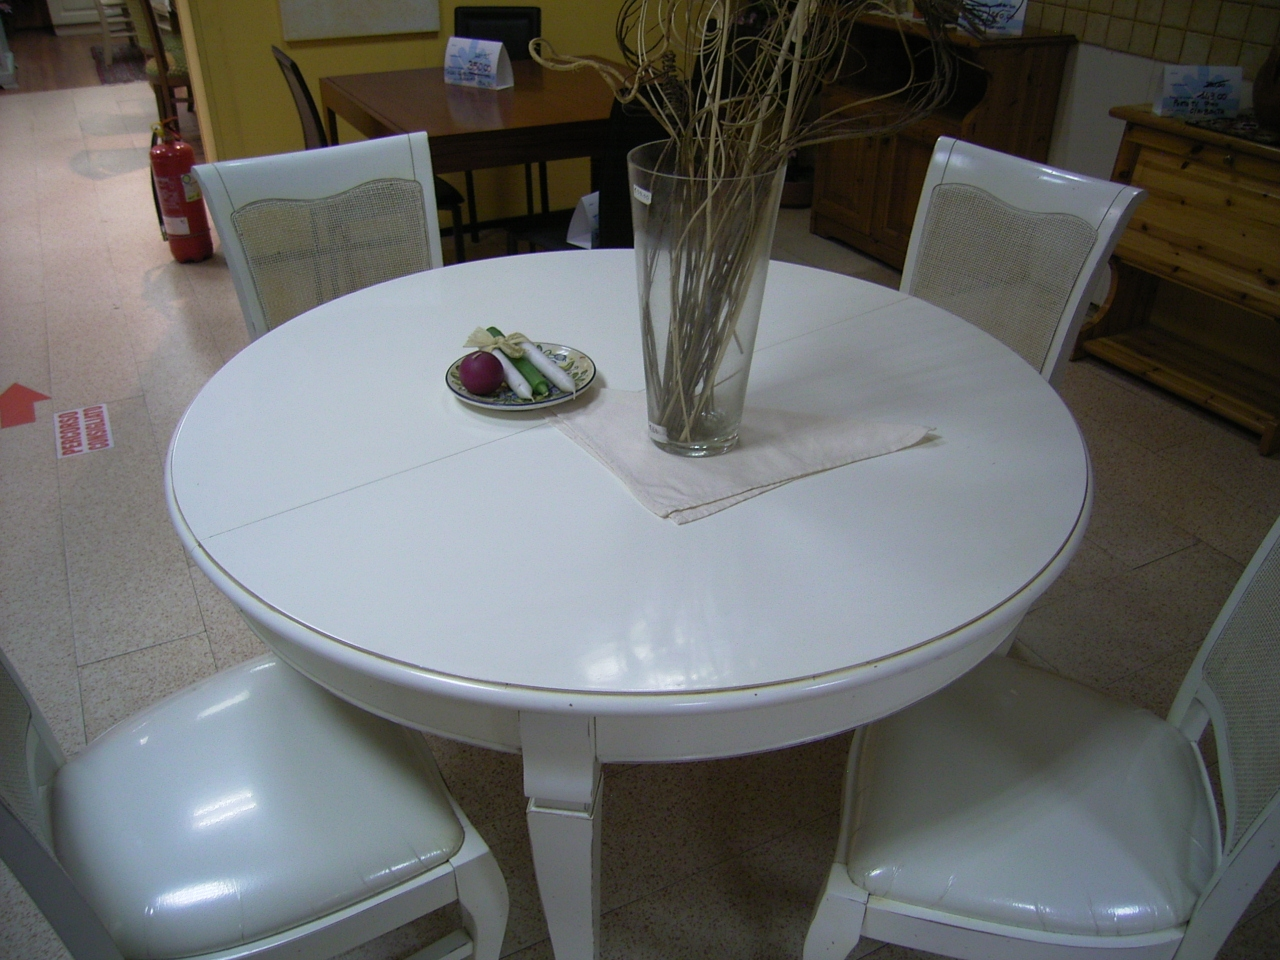 Cucina grigia e bianca - Sedie cucina ebay ...